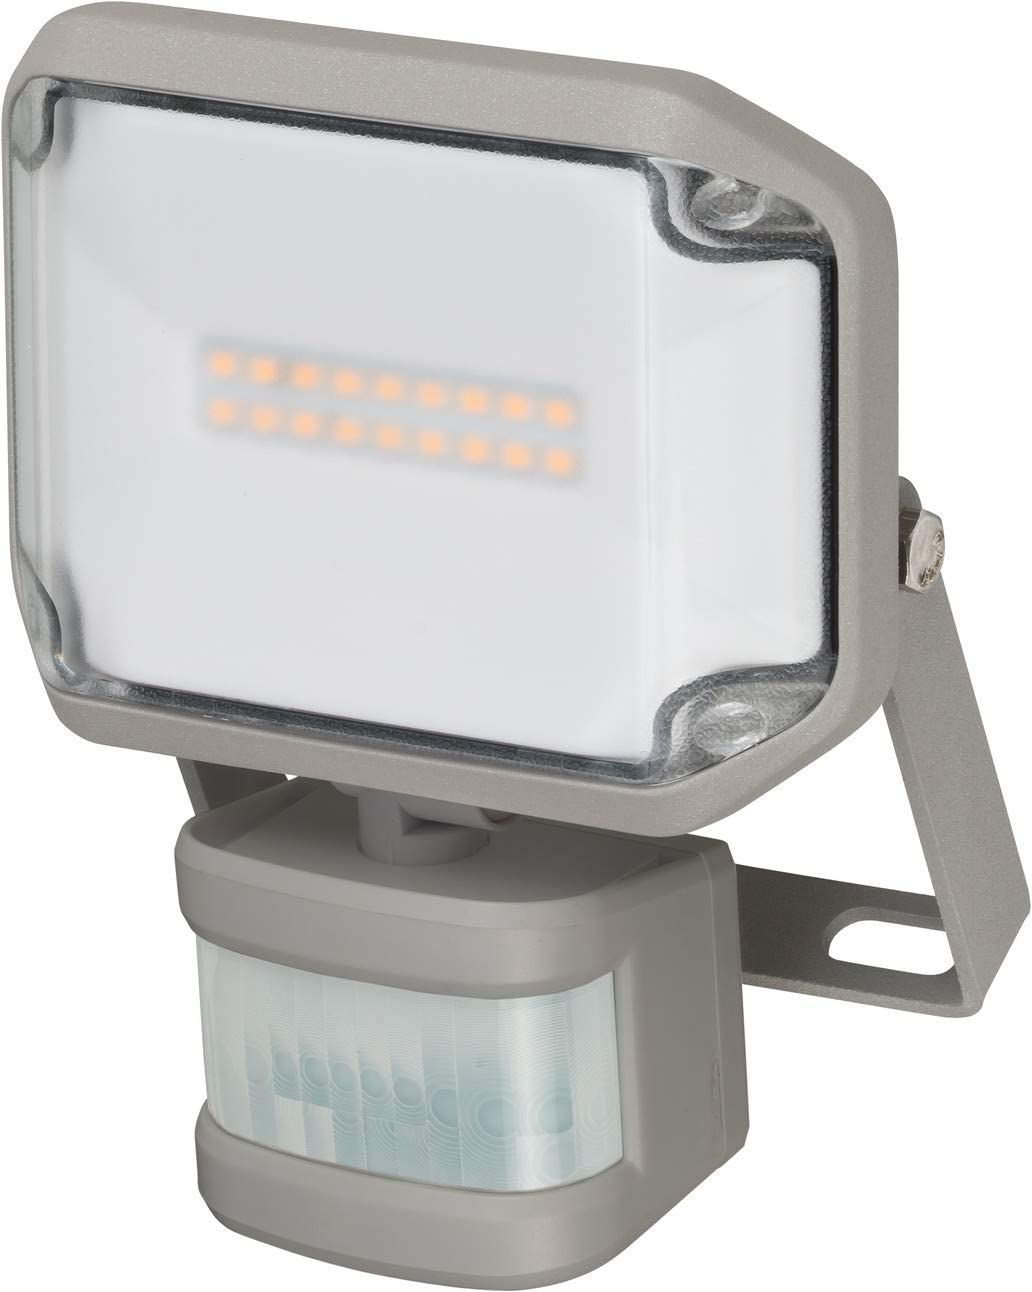 Brennenstuhl LED Strahler AL 1000 P LED Fluter f/ür au/ßen mit Bewegungsmelder LED-Au/ßenstrahler zur Wandmontage, 10W, warmwei/ßes Licht, IP44